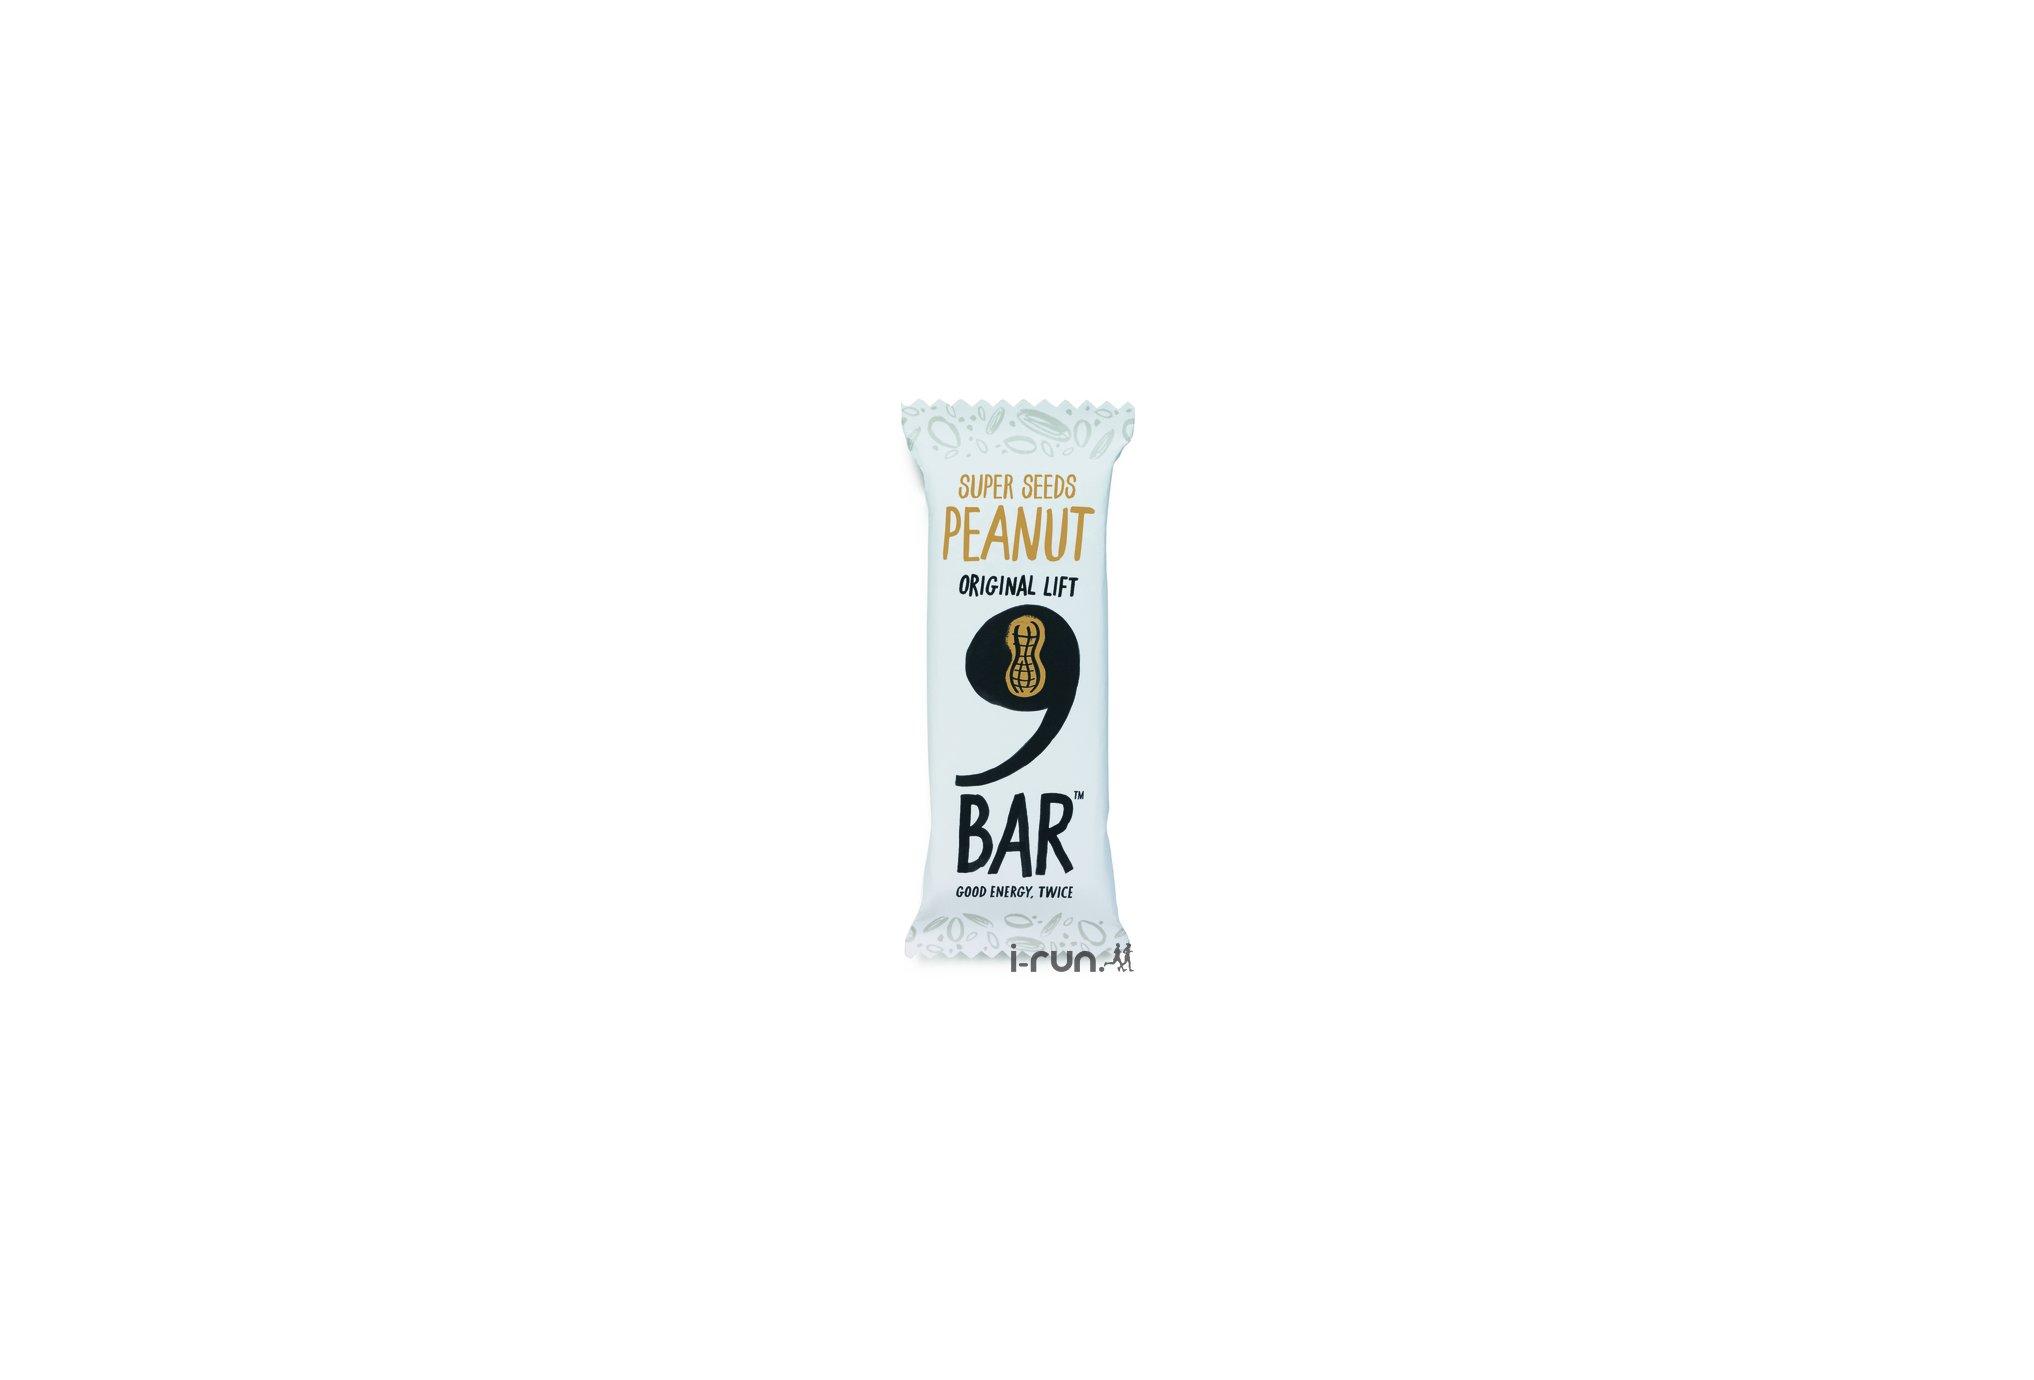 9bar Barre énergétique cacahuète diététique barres